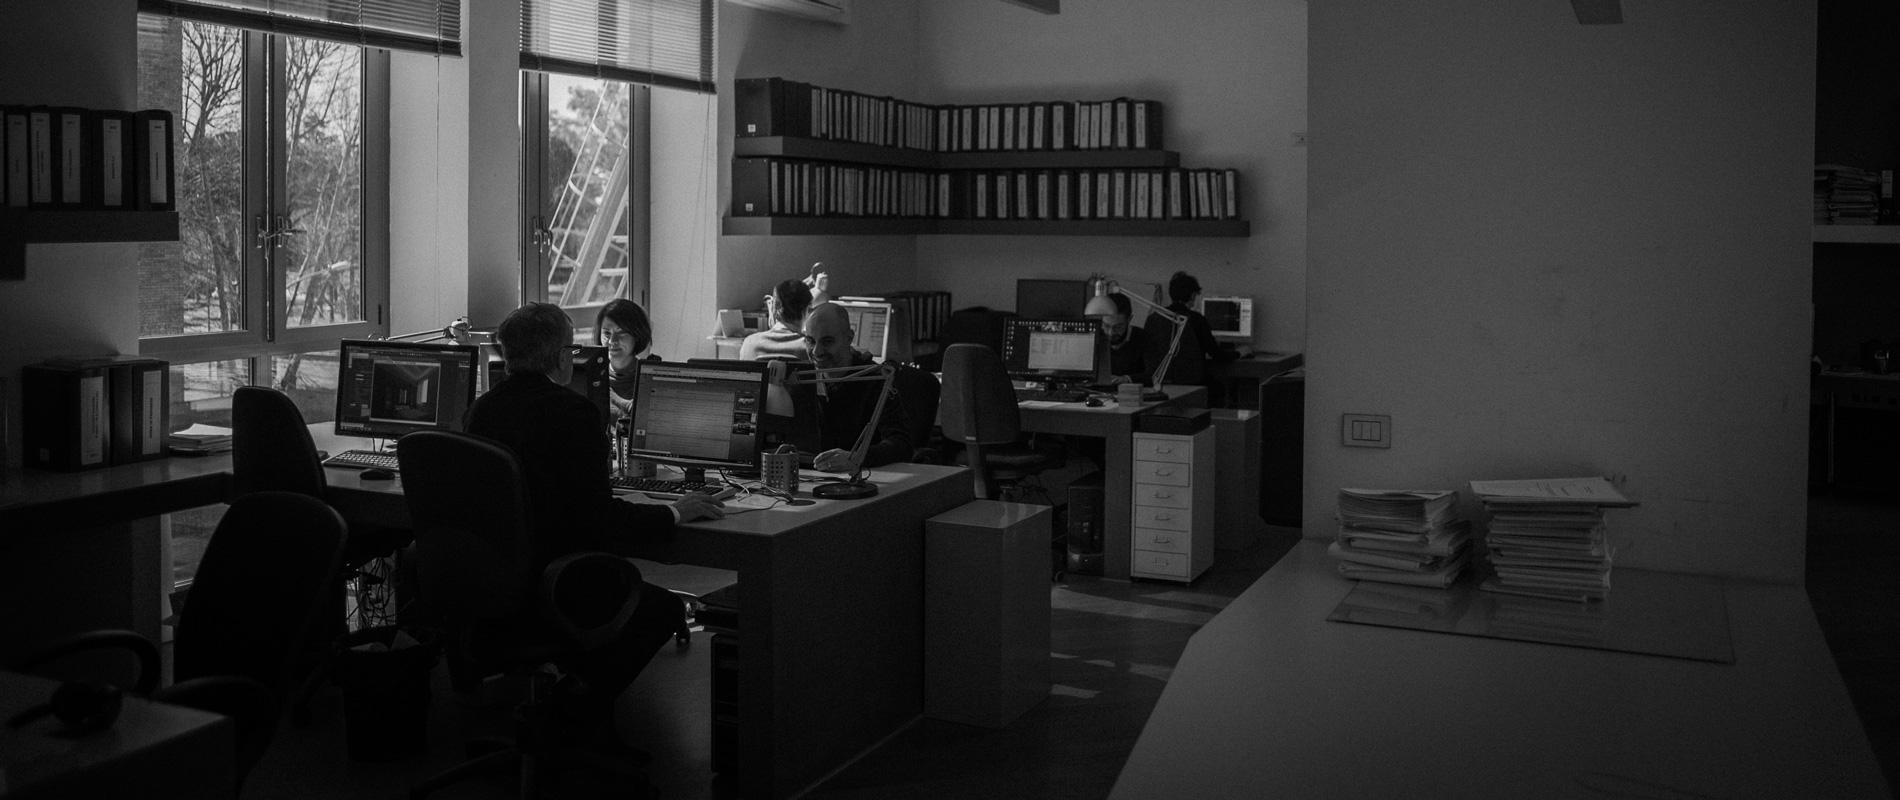 Gli uffici di Bioedil sono concepiti come ambienti che stimolano la collaborazione